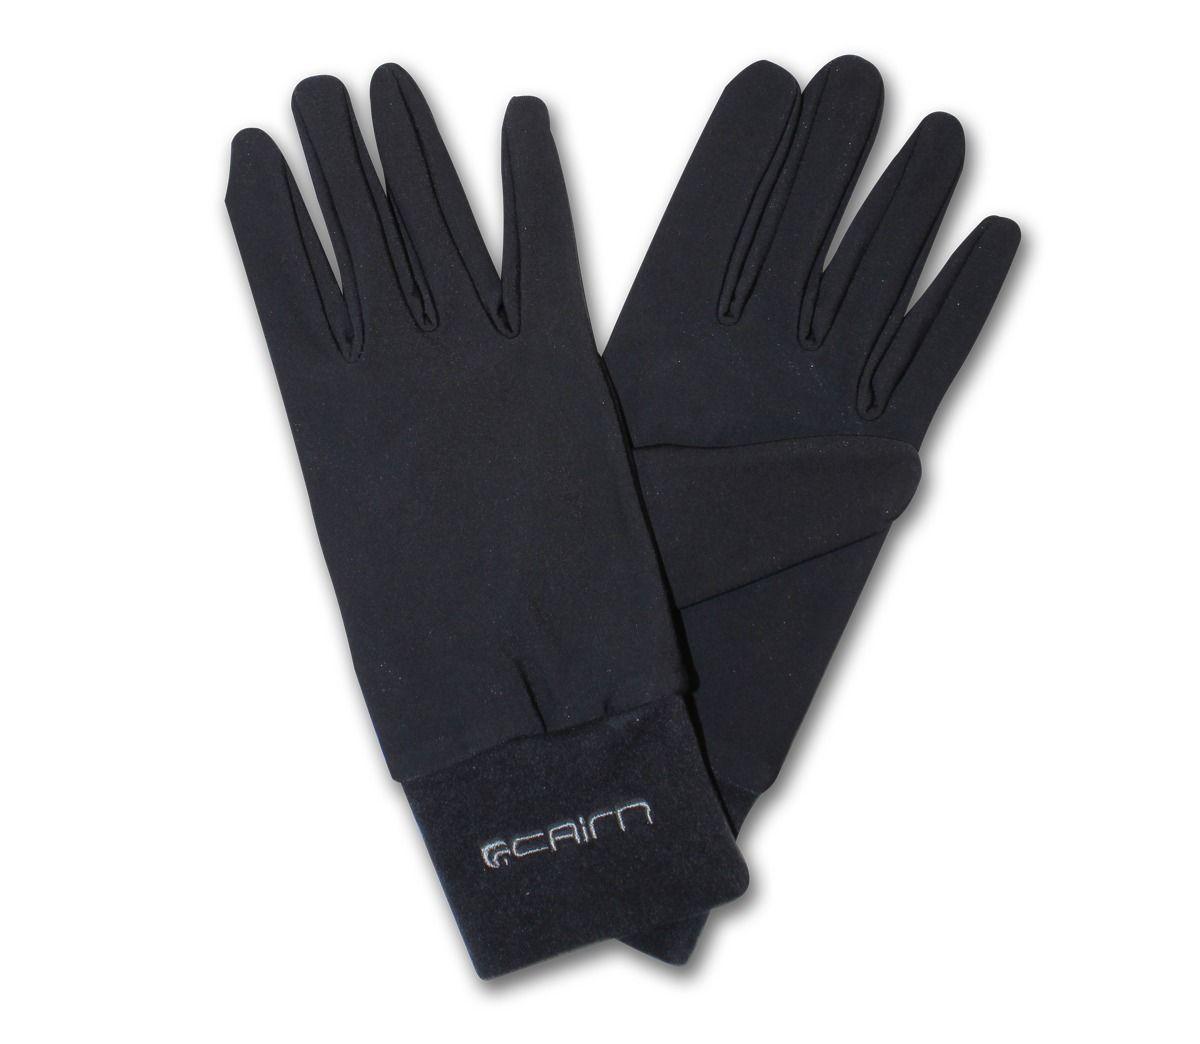 Adultes Hommes Femmes Magique Gants noir stretch hiver chaud doux taille unique s/'adapter à toutes les